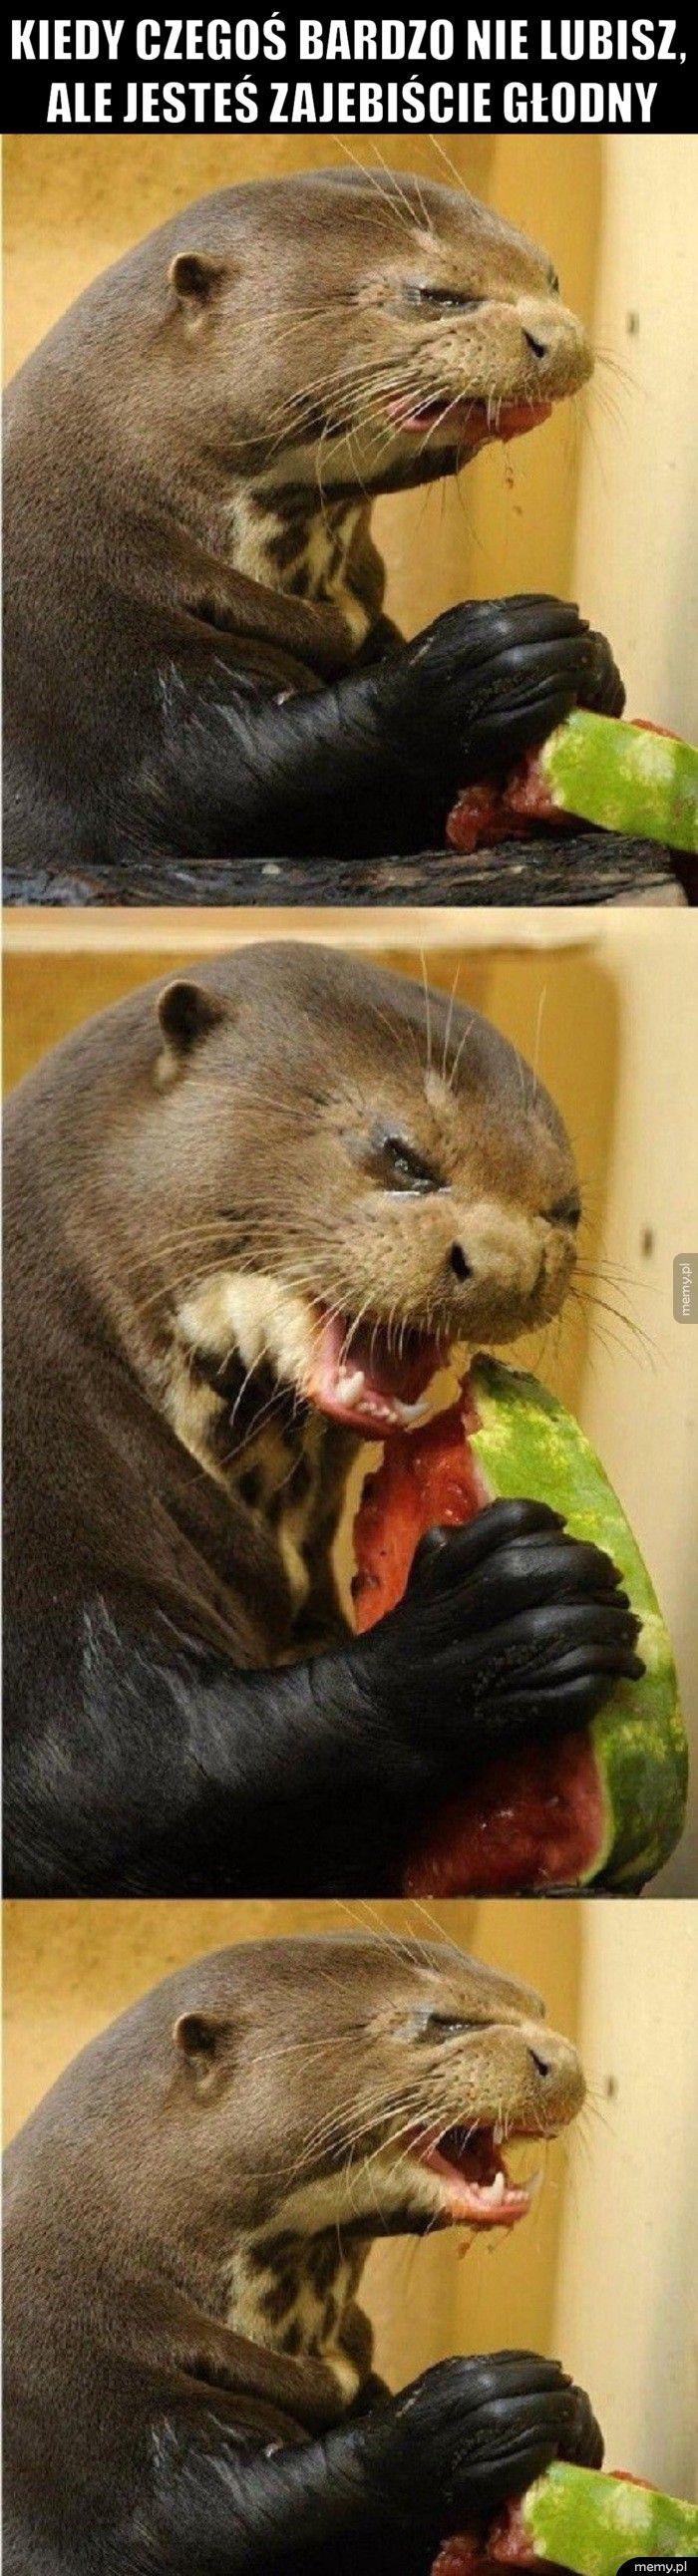 Kiedy czegoś bardzo nie lubisz, ale jesteś zajebiście głodny